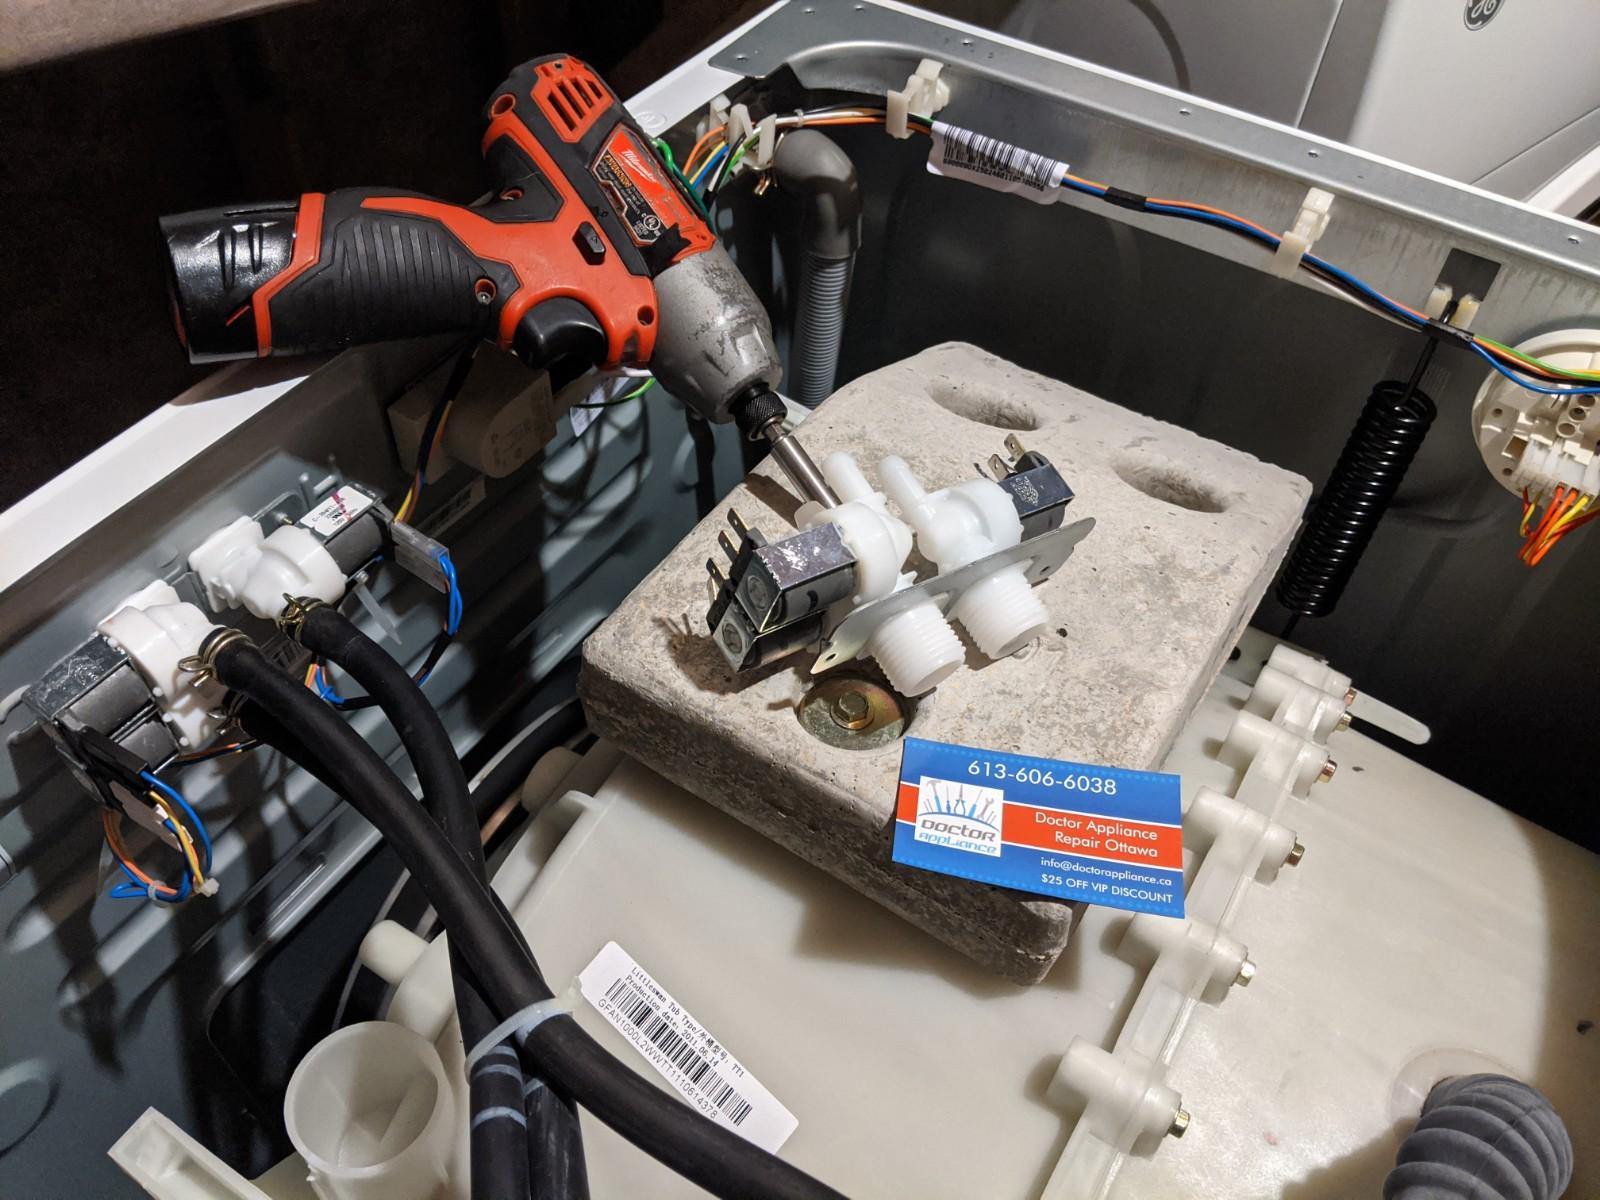 GE washer repair